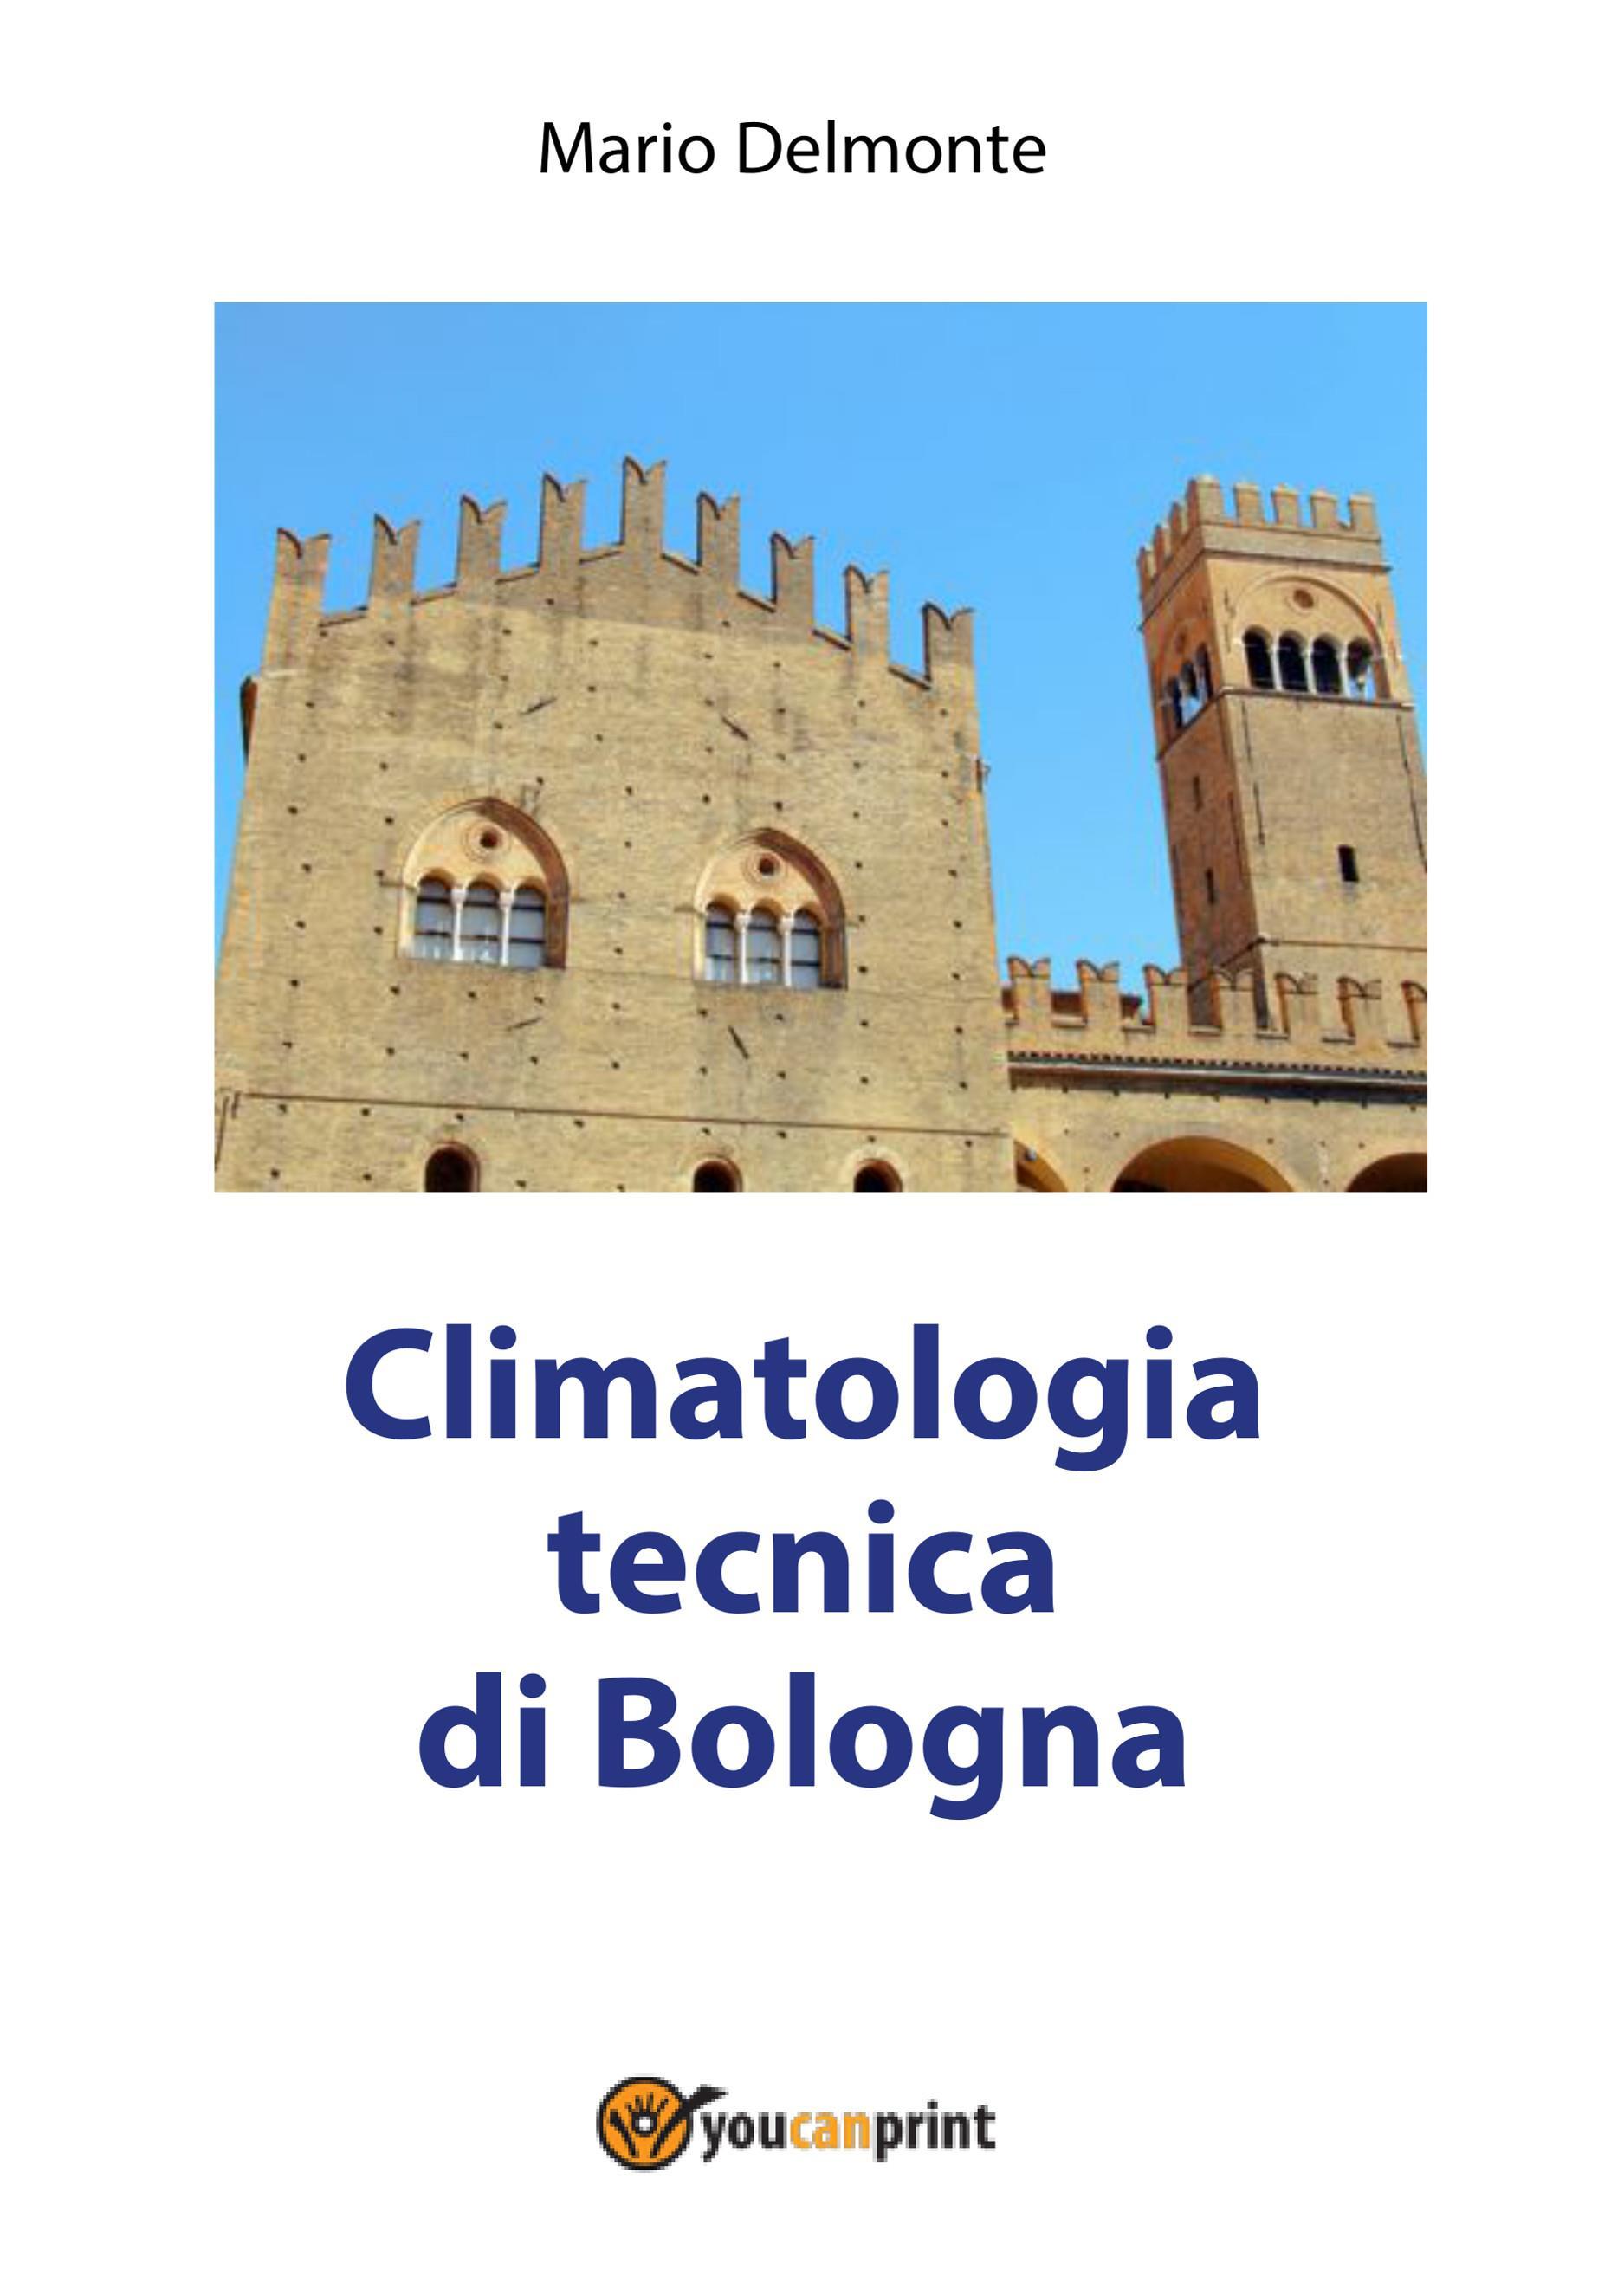 Climatologia tecnica di Bologna